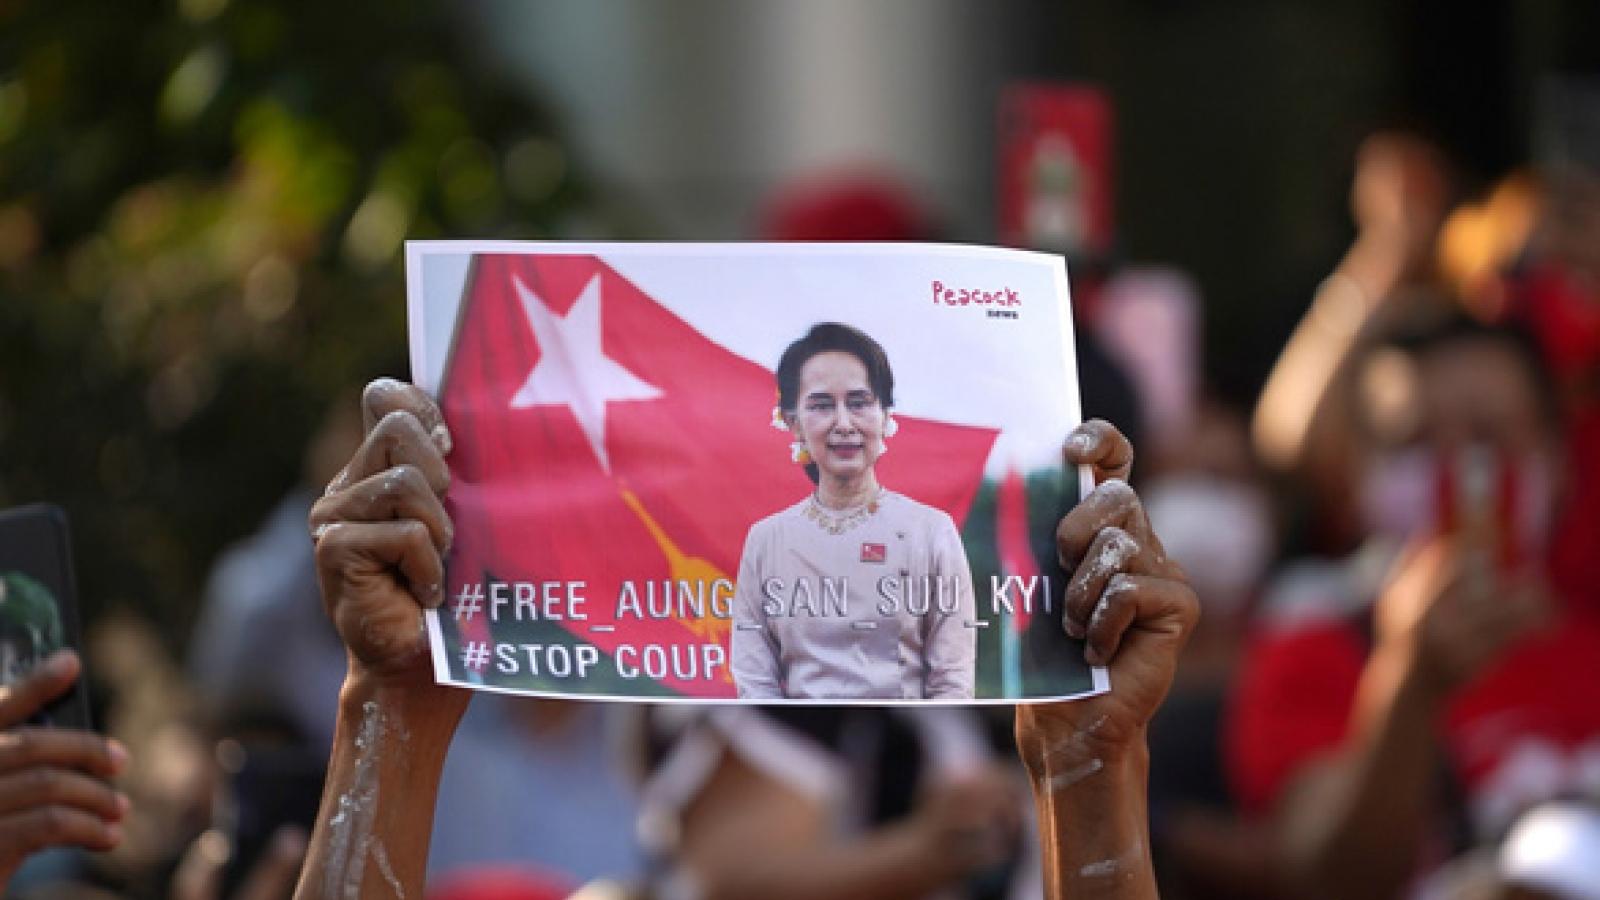 Thế giới theo dõi sát mọi diễn biến chính trị tại Myanmar